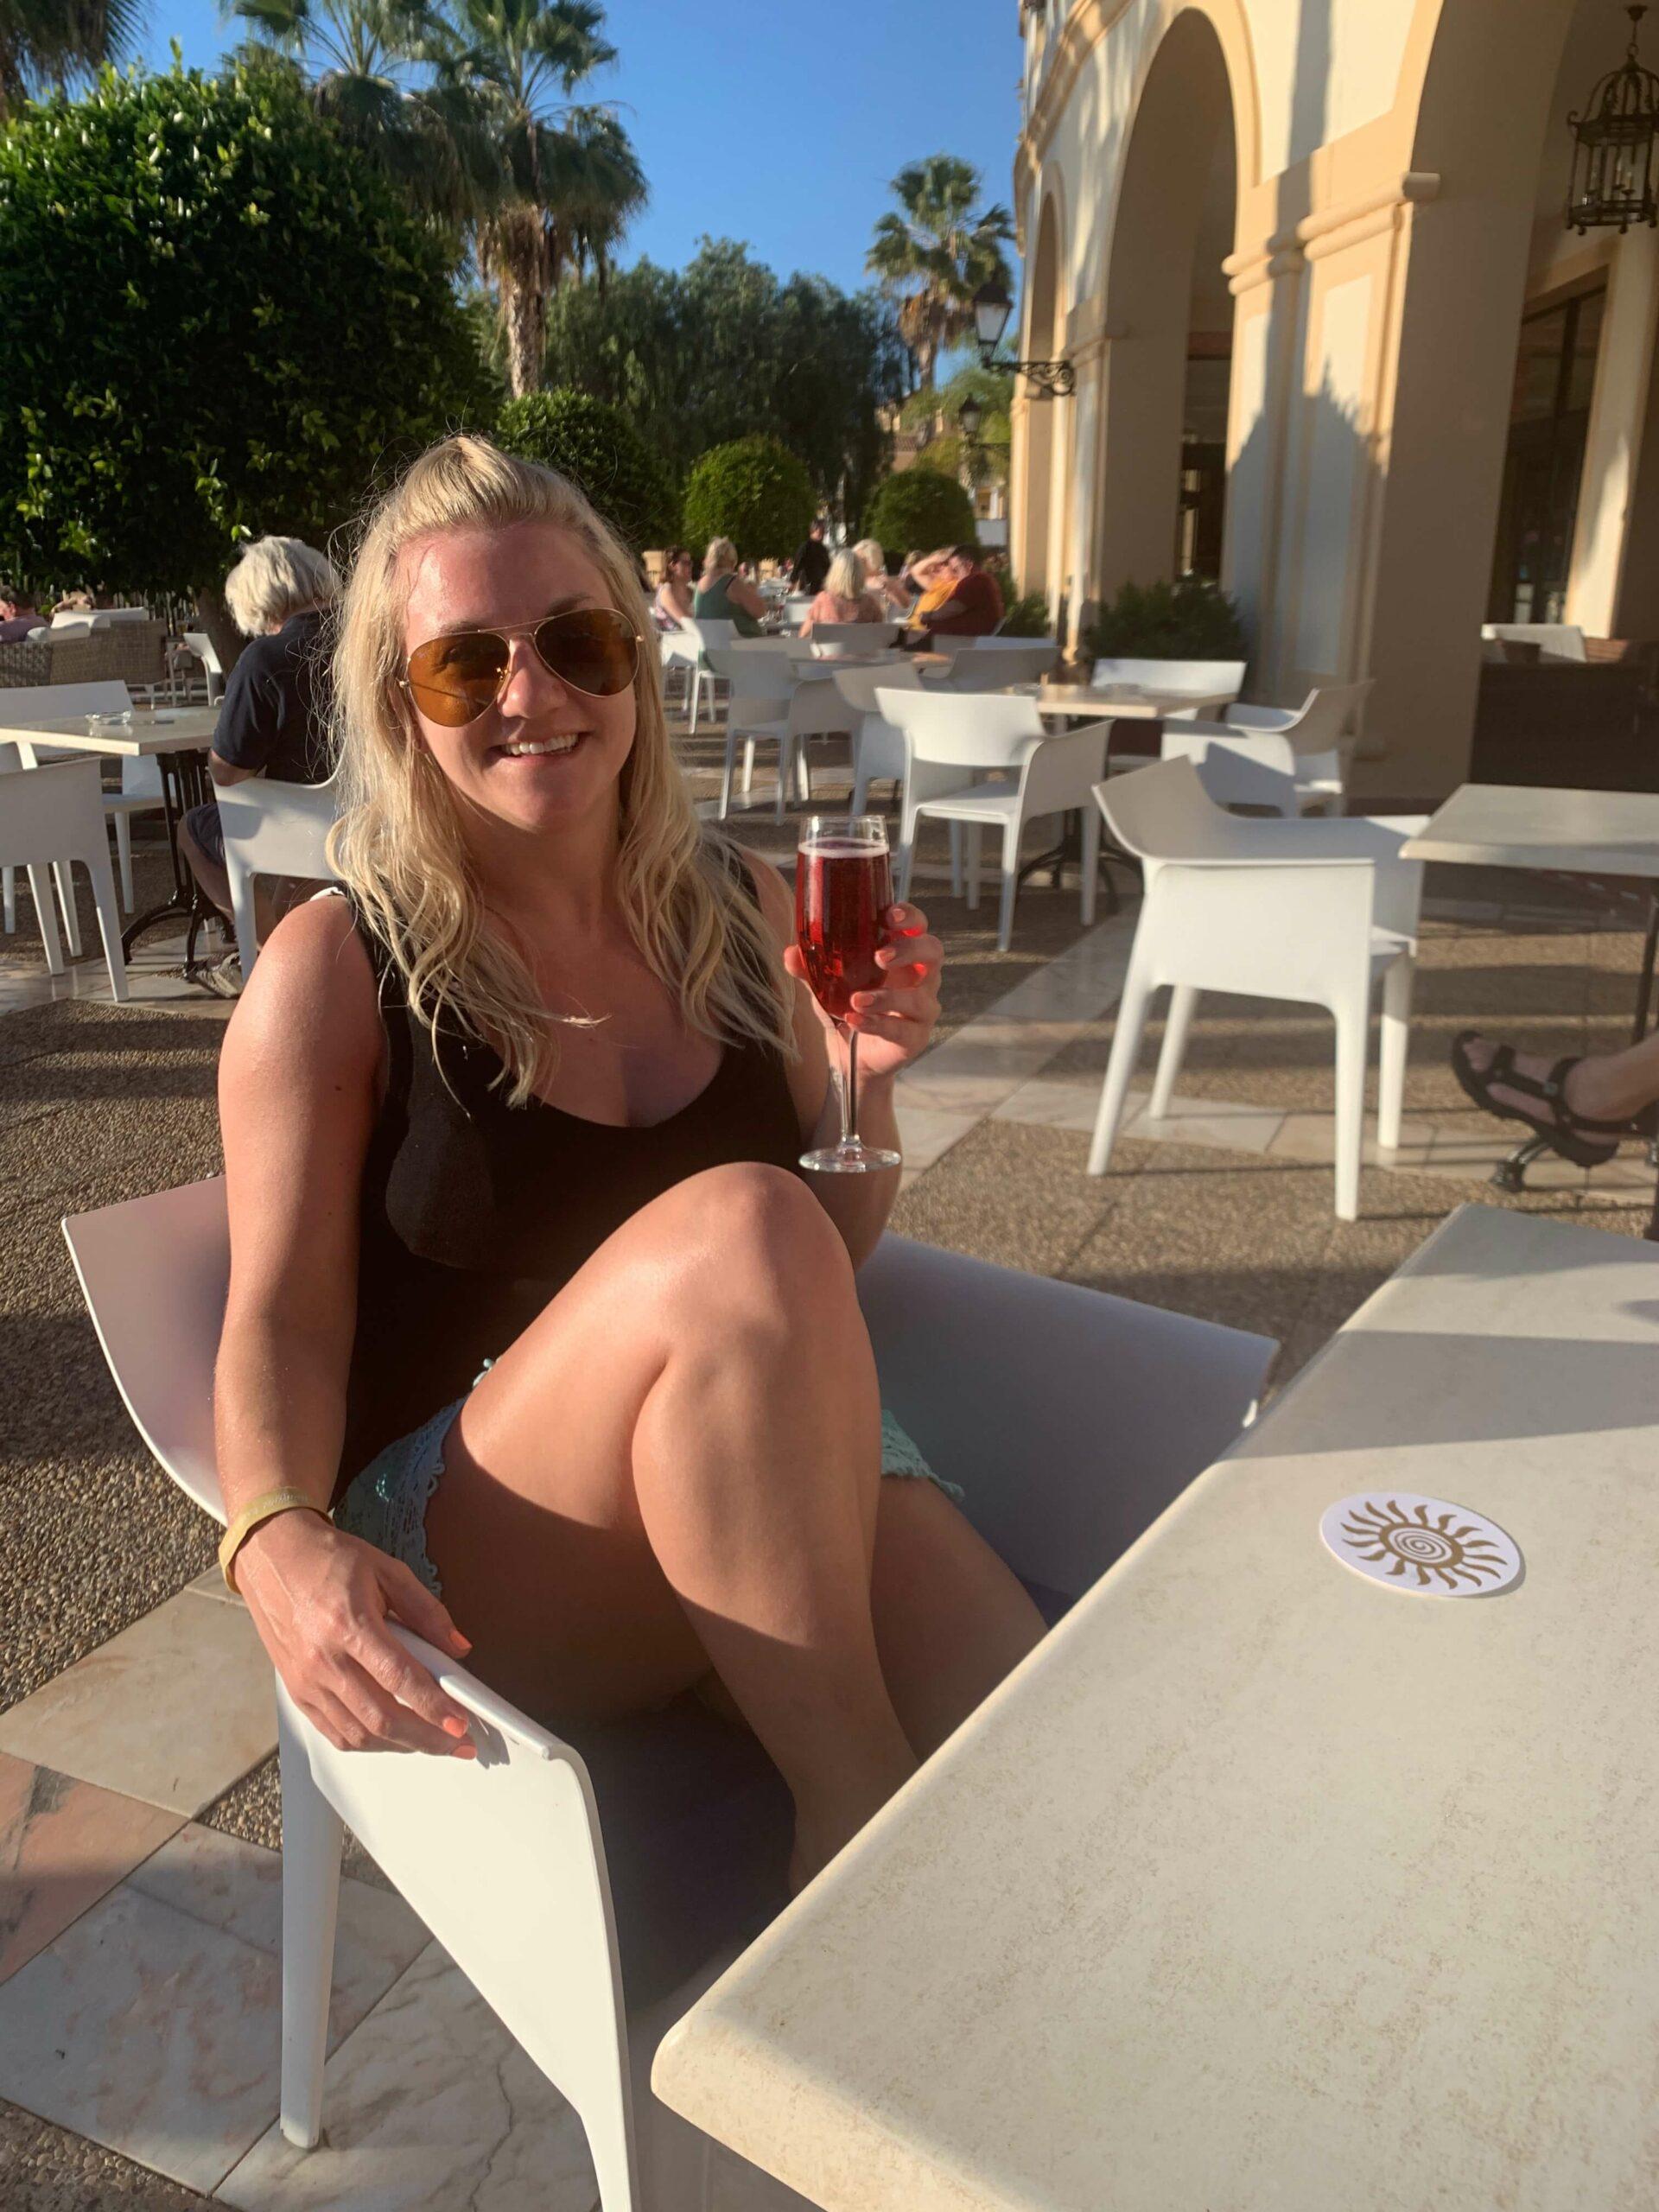 Evening drinks in Tenerife